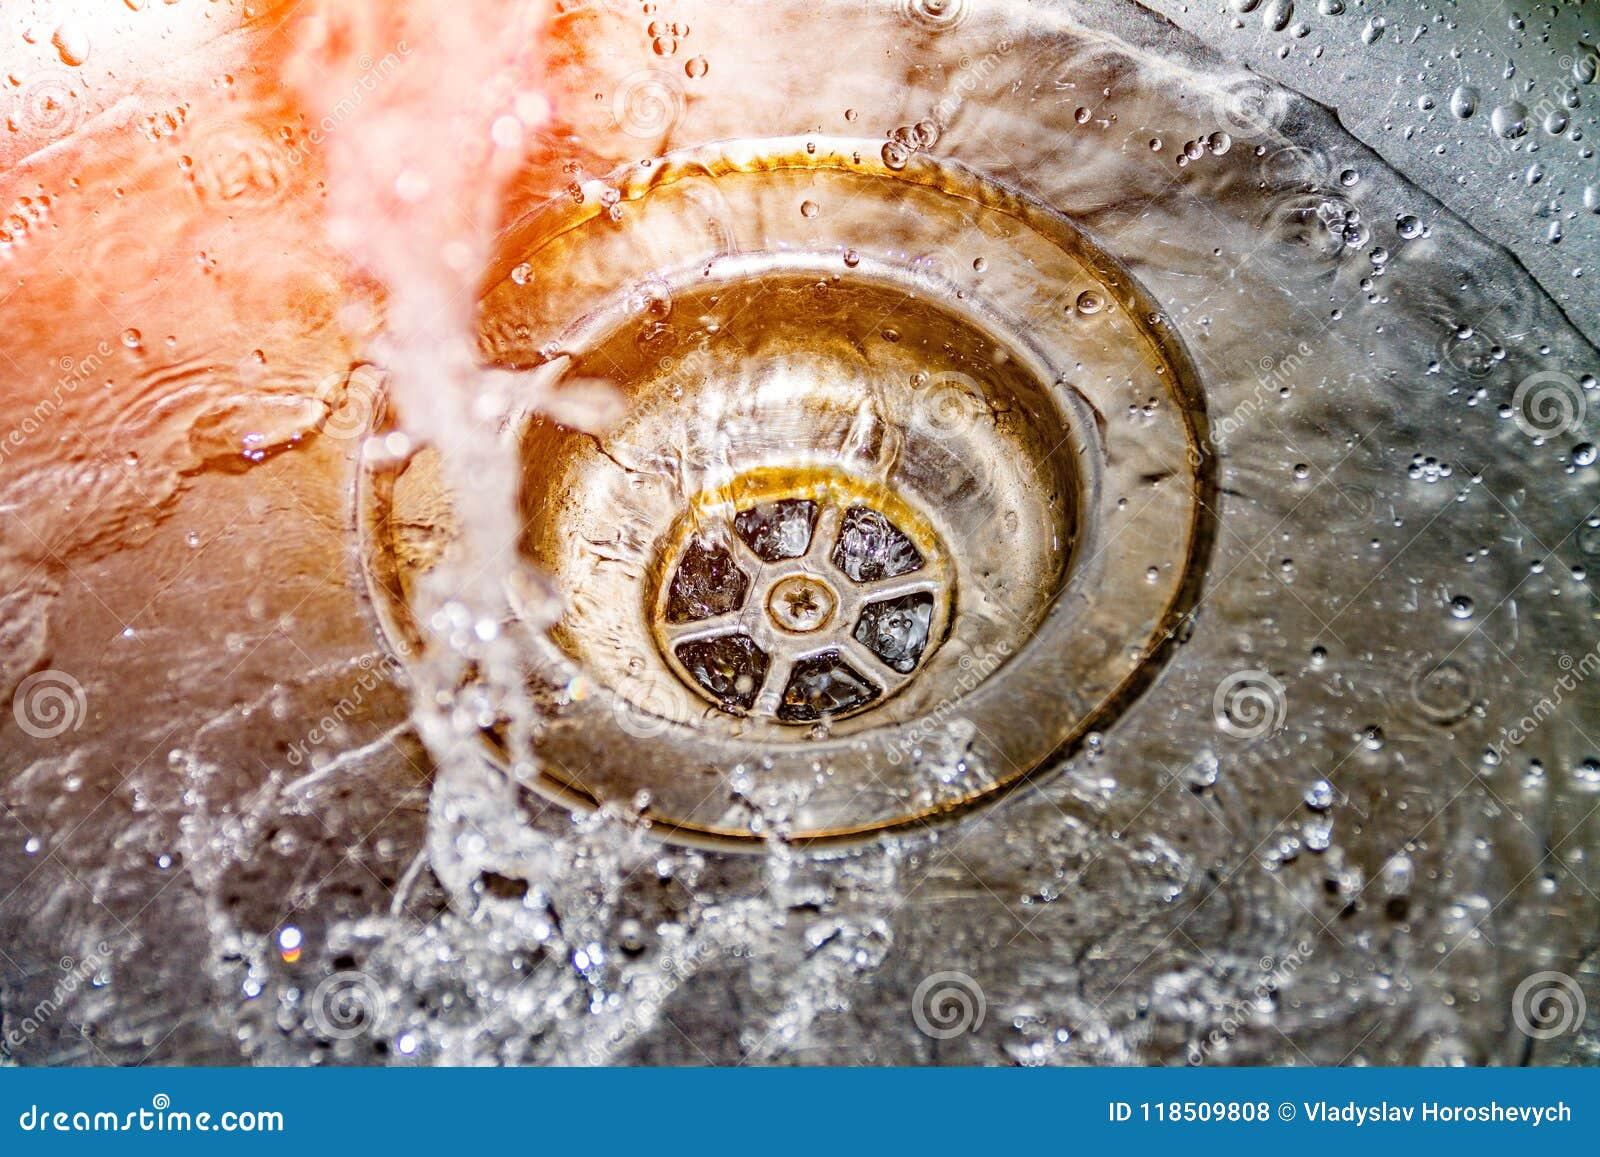 Wasser läuft in die Wanne, Wanne aus und fließendes Wasser für den Hintergrund, kümmert sich um dem Wasser